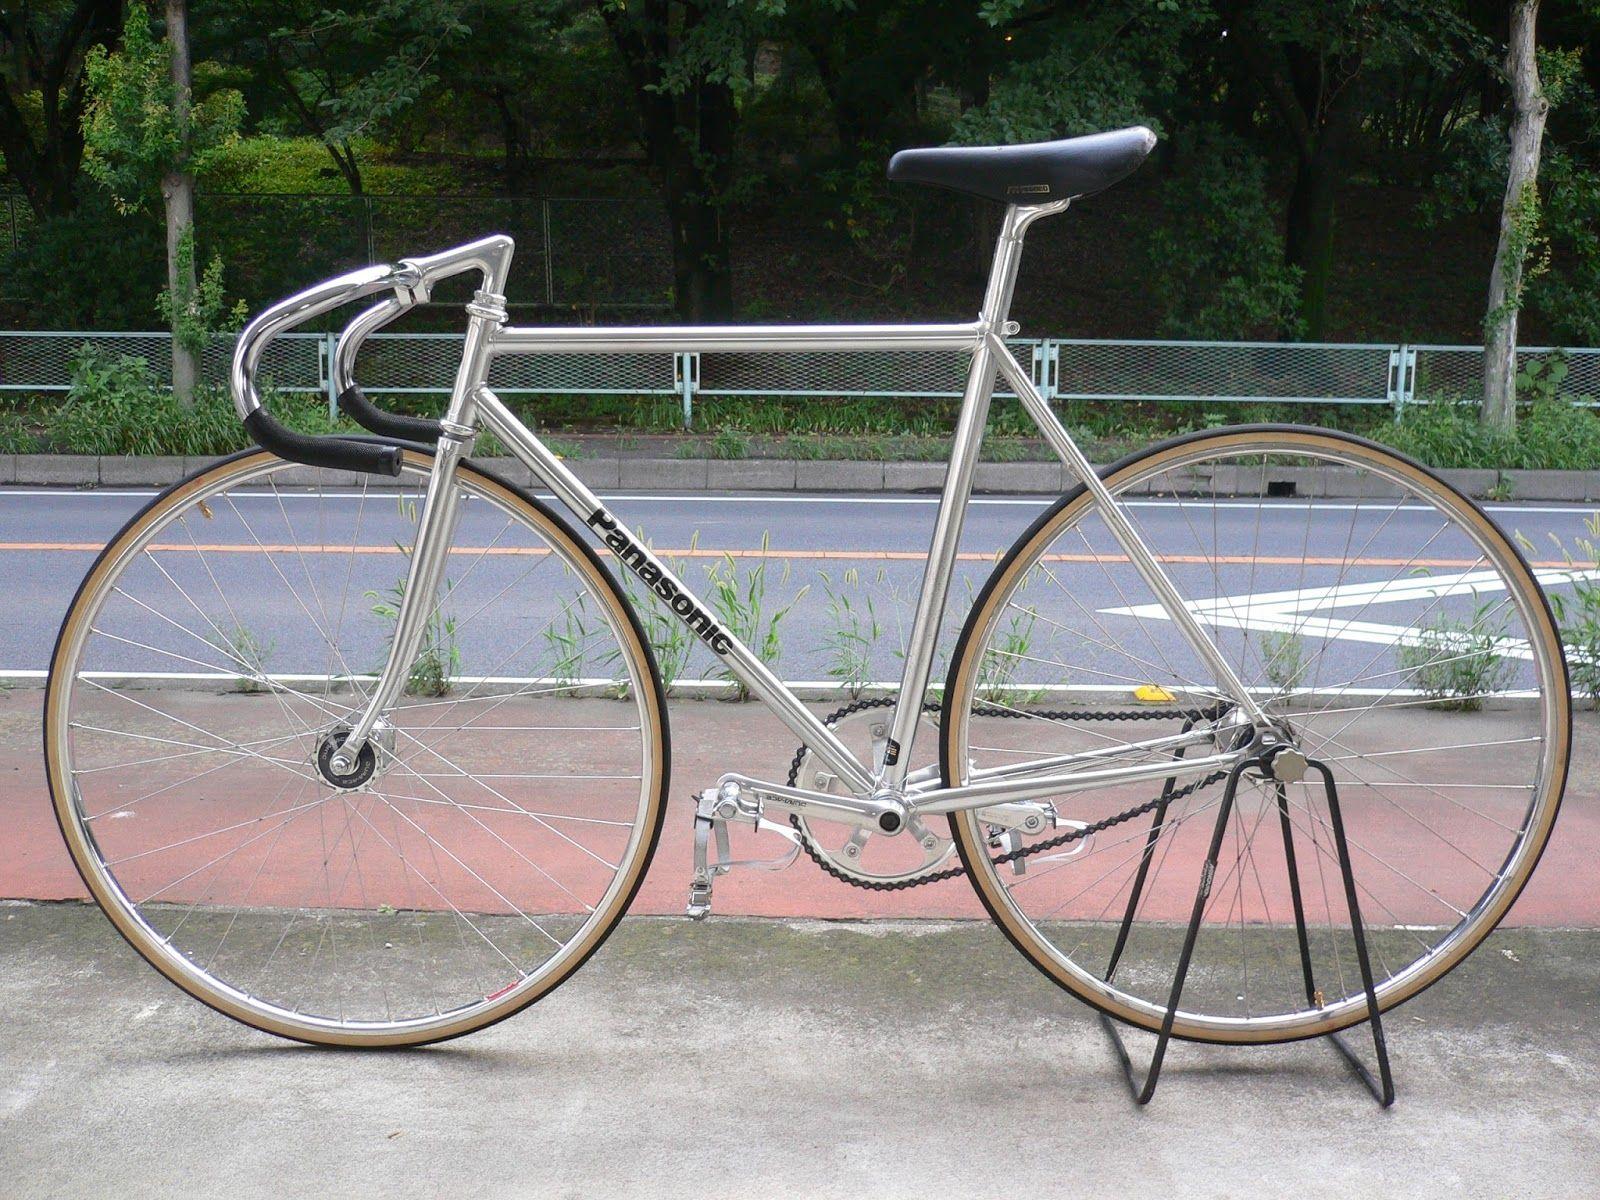 Njs Keirin Track Bike For Sell Panasonic Njs Keirin Bike